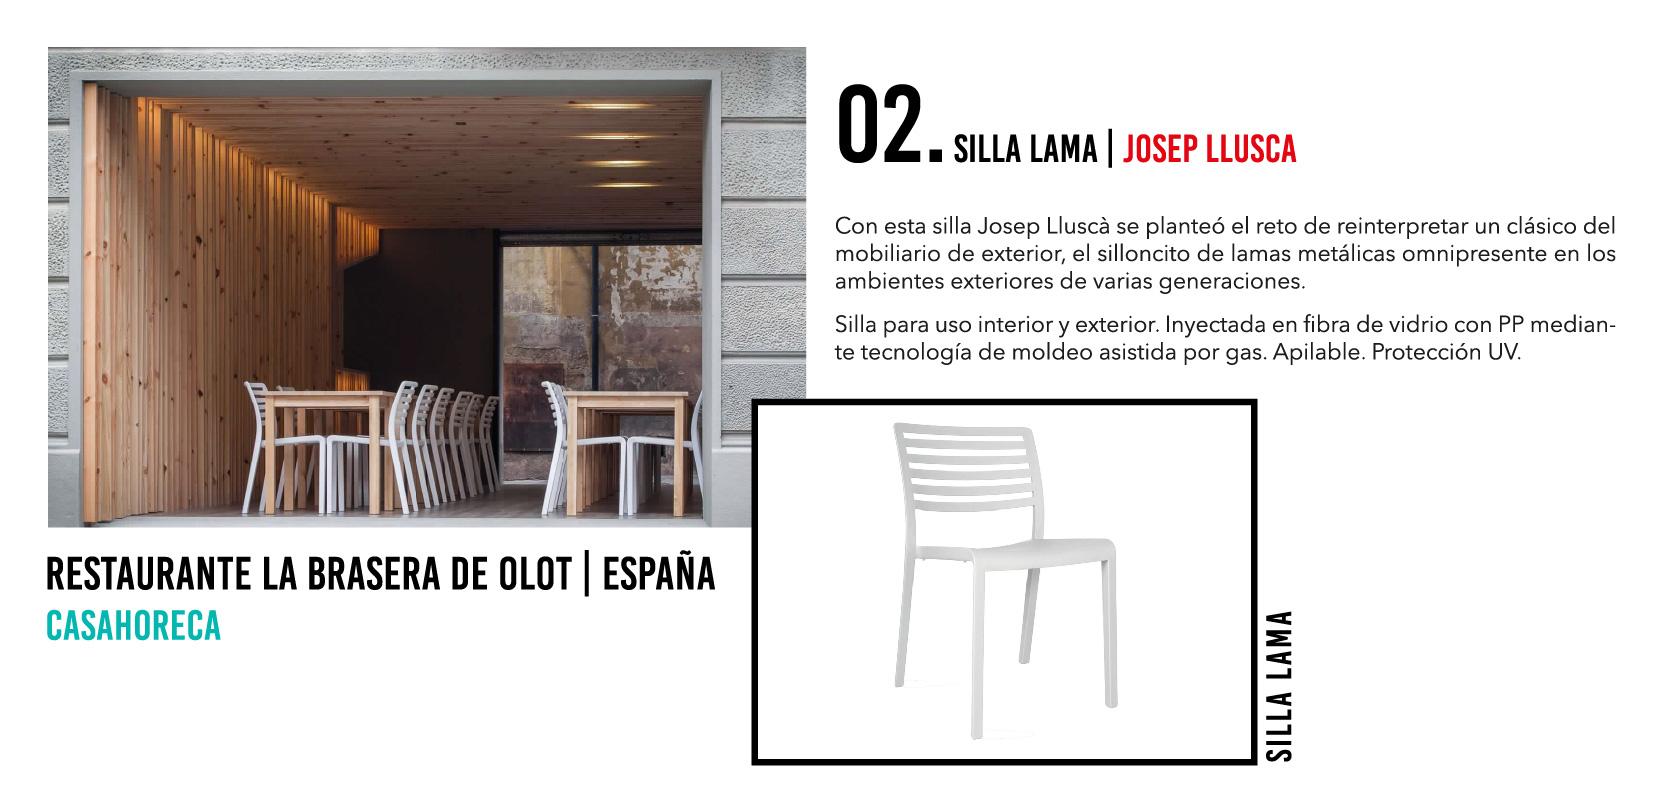 Silla Lama - Casahoreca.com